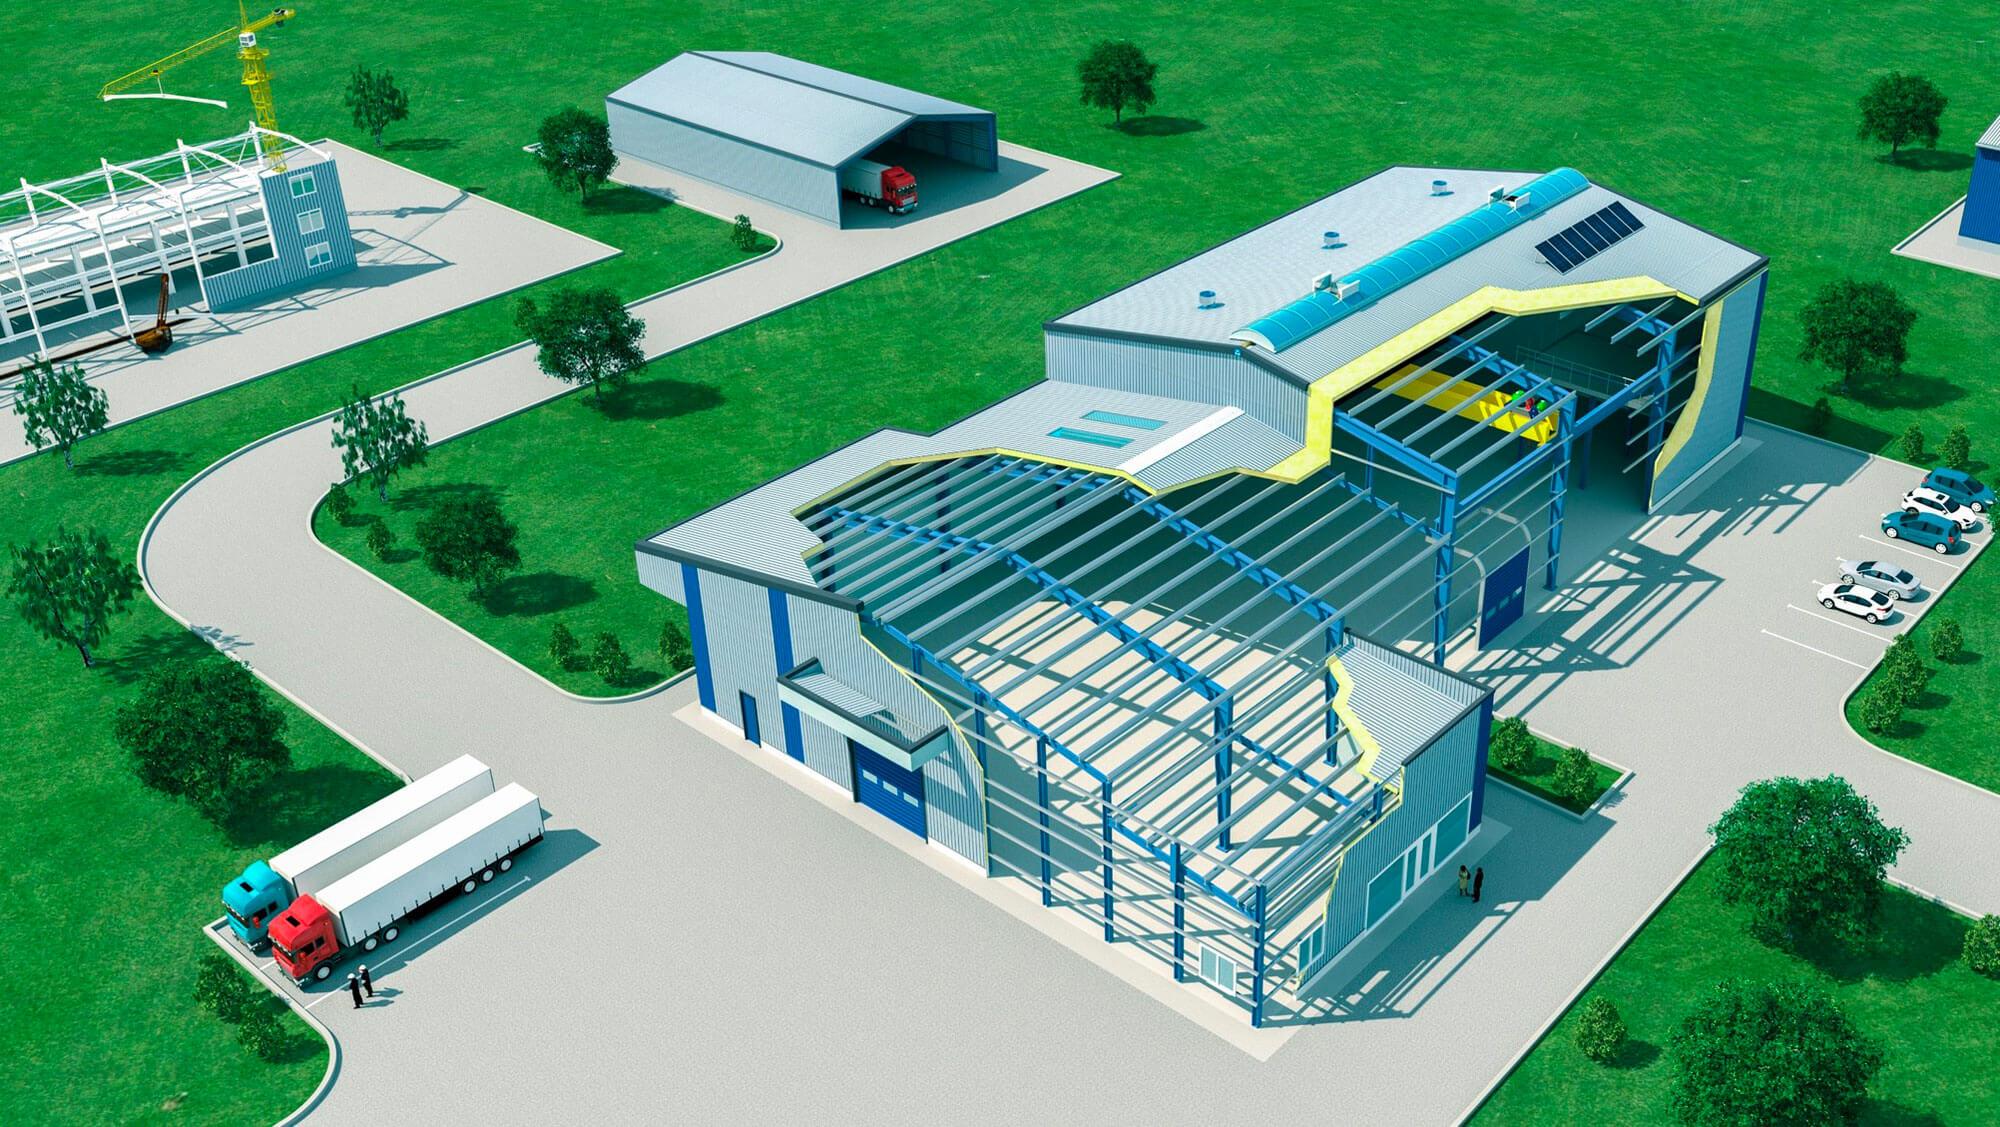 Das Astron-Verfahren ist ein schlüsselfertiges Konzept für maßgeschneiderte, schlüsselfertige Gebäude.